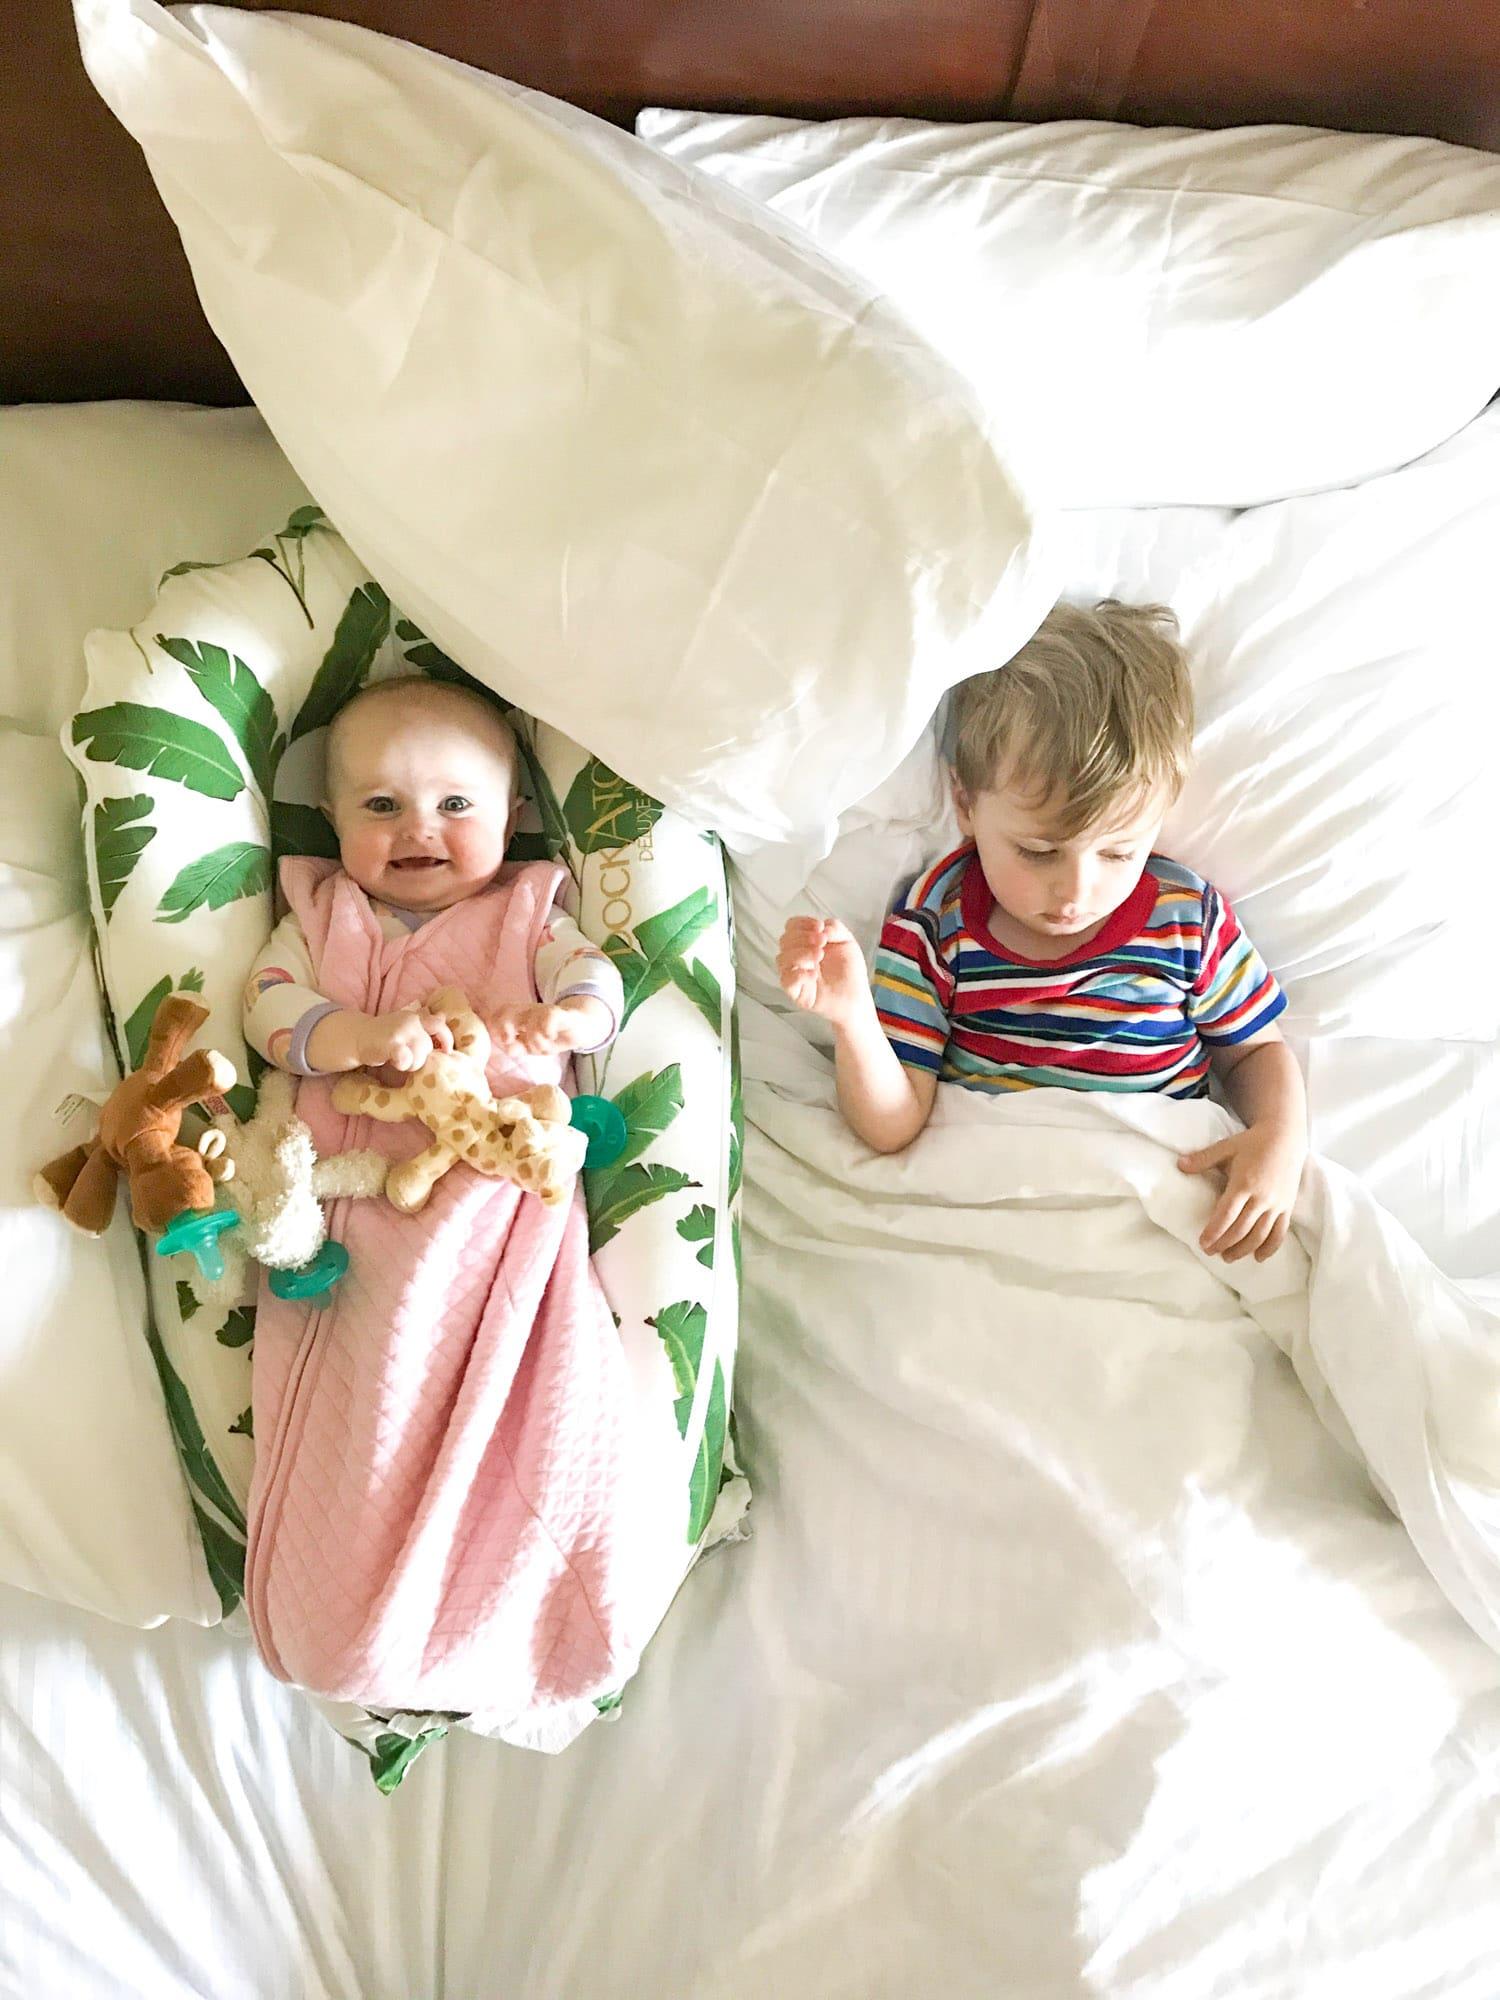 emilia at 9 months I howsweeteats.com